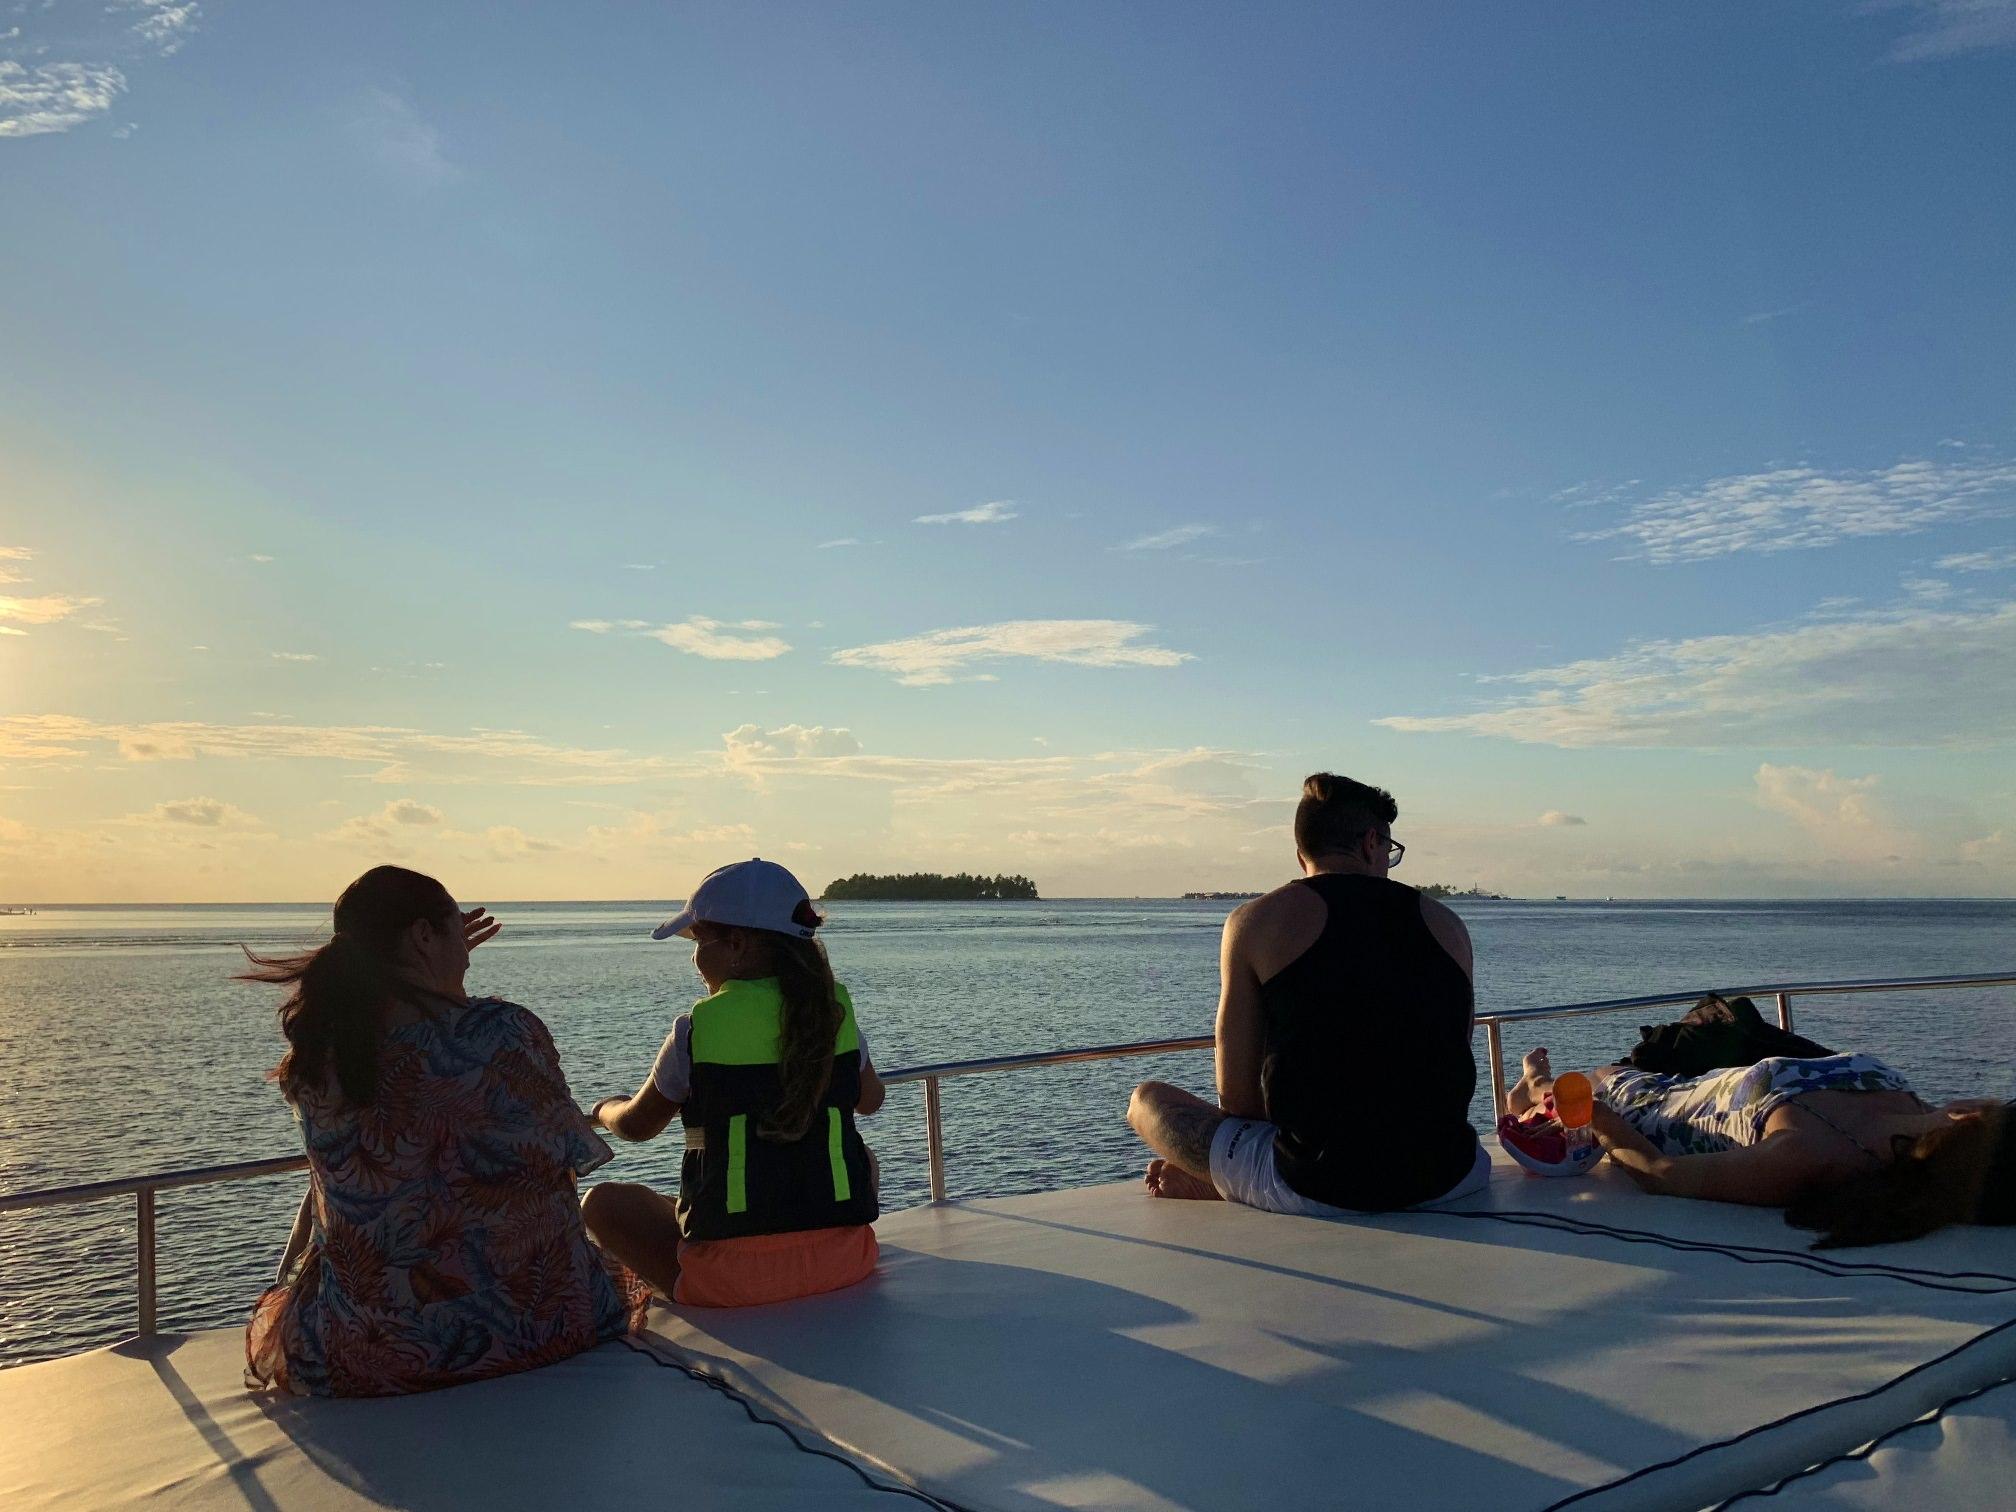 馬爾地夫,居民島,Thinadhoo,提納度,護士鯊,夜間浮潛,plumeria,夕陽